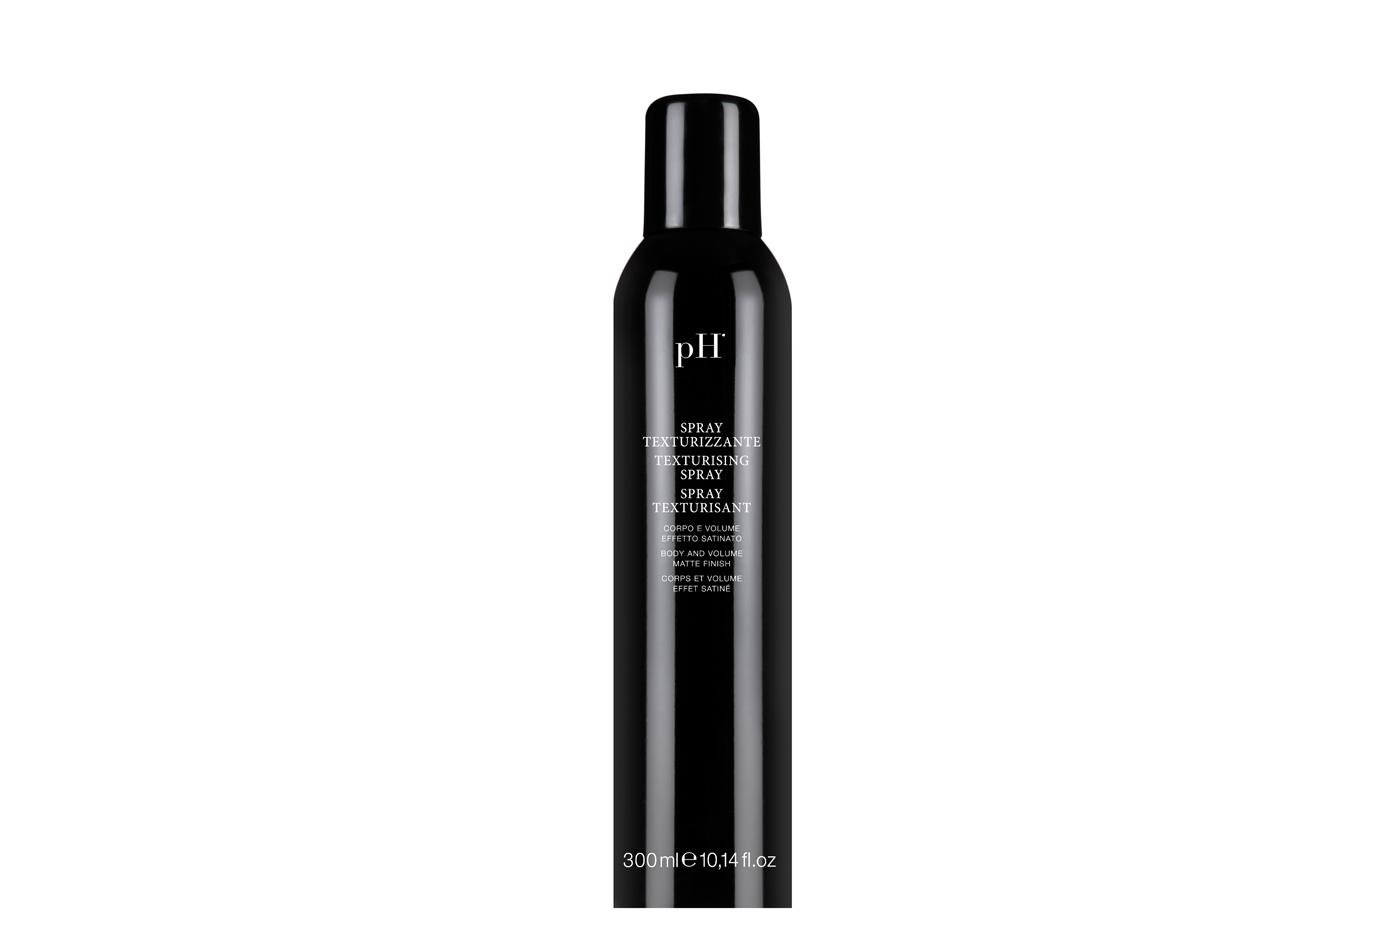 pH hair spray for voluminous tresses